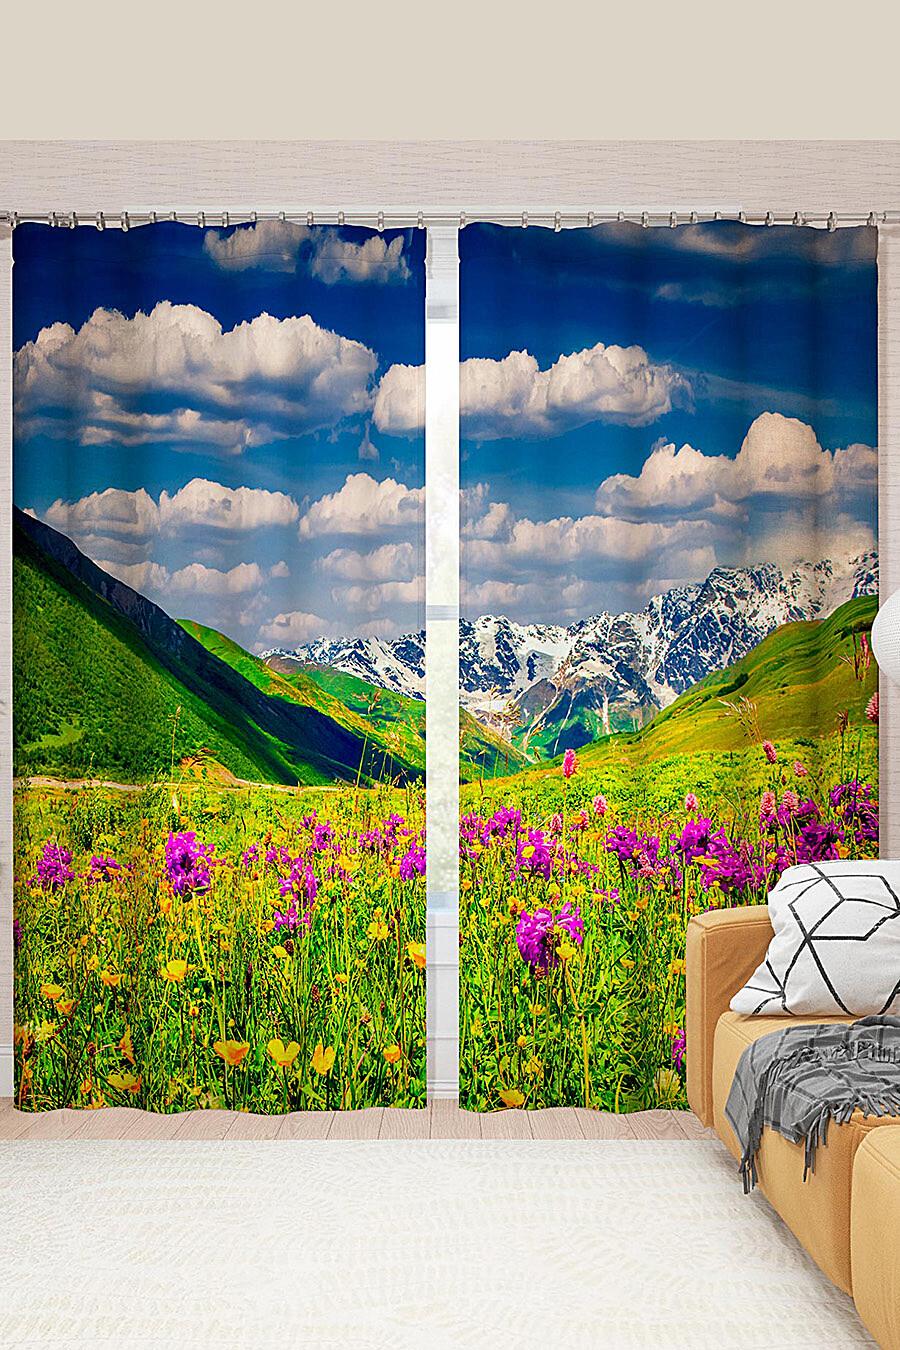 Фотошторы для дома ART HOME TEXTILE 123528 купить оптом от производителя. Совместная покупка товаров для дома в OptMoyo